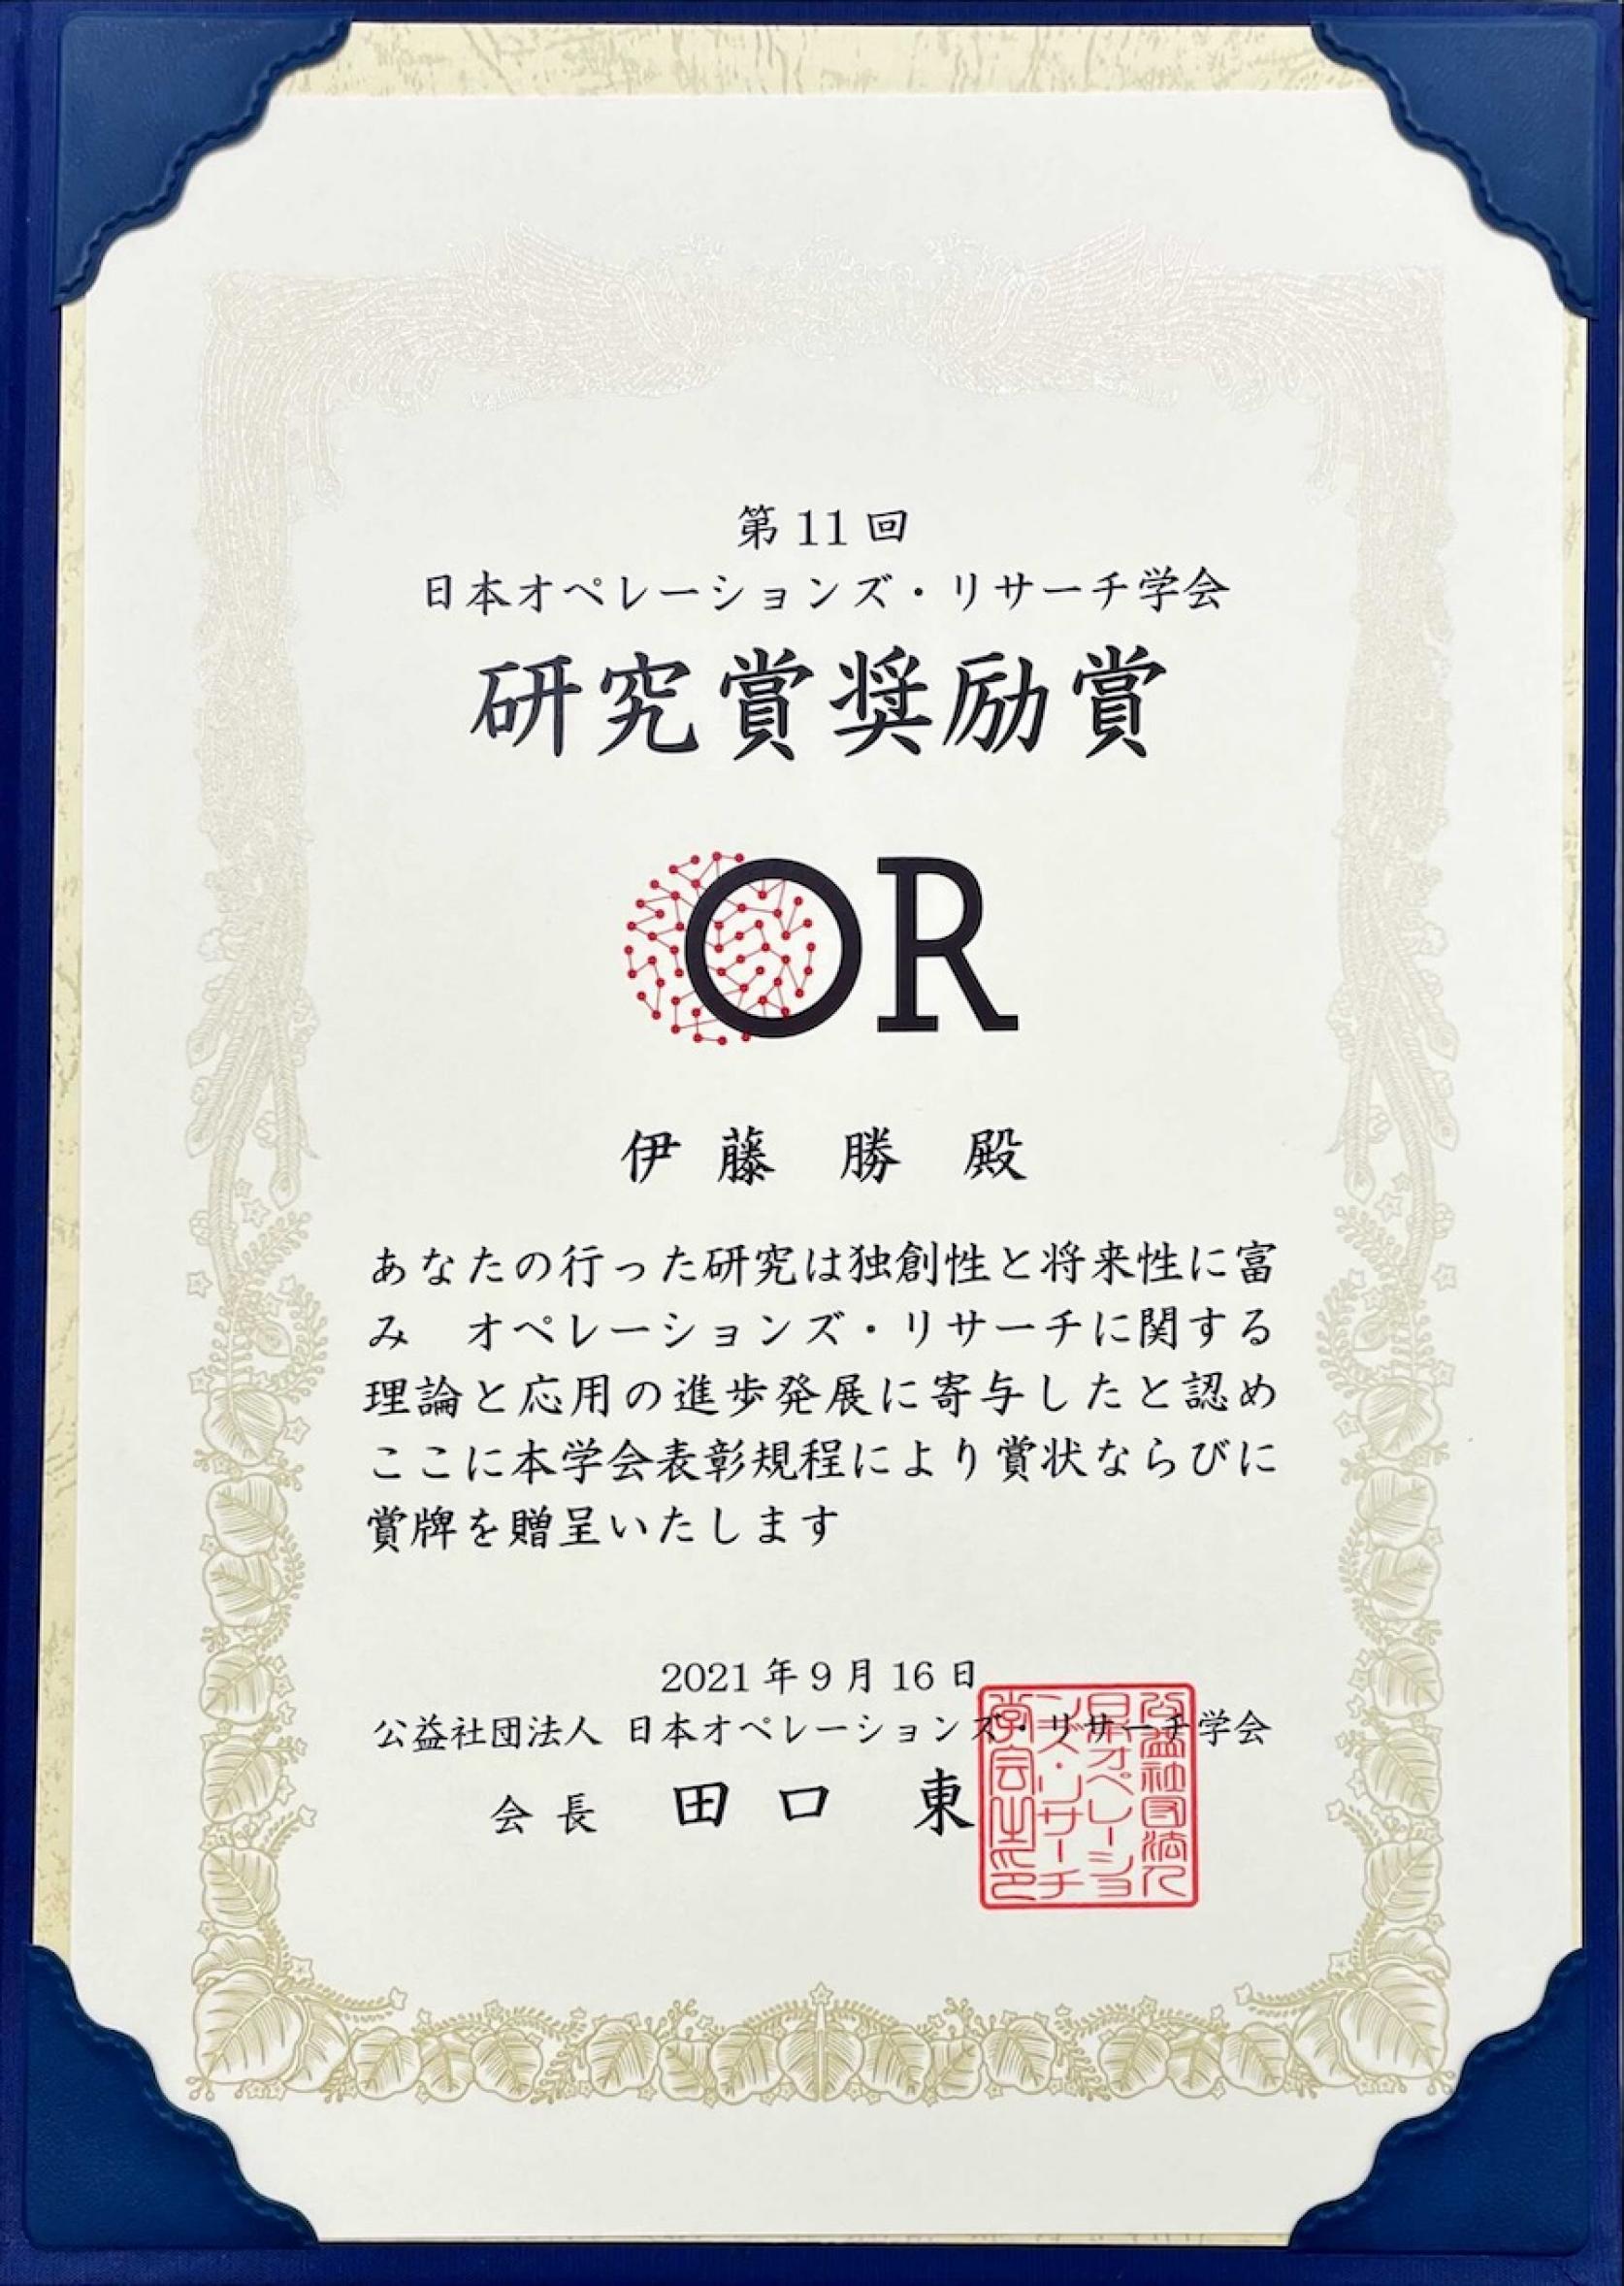 数学科の伊藤勝助手が、「日本オペレーションズ・リサーチ学会2021年秋季研究発表会」において、学会賞の第11回研究賞奨励賞を受賞しました。